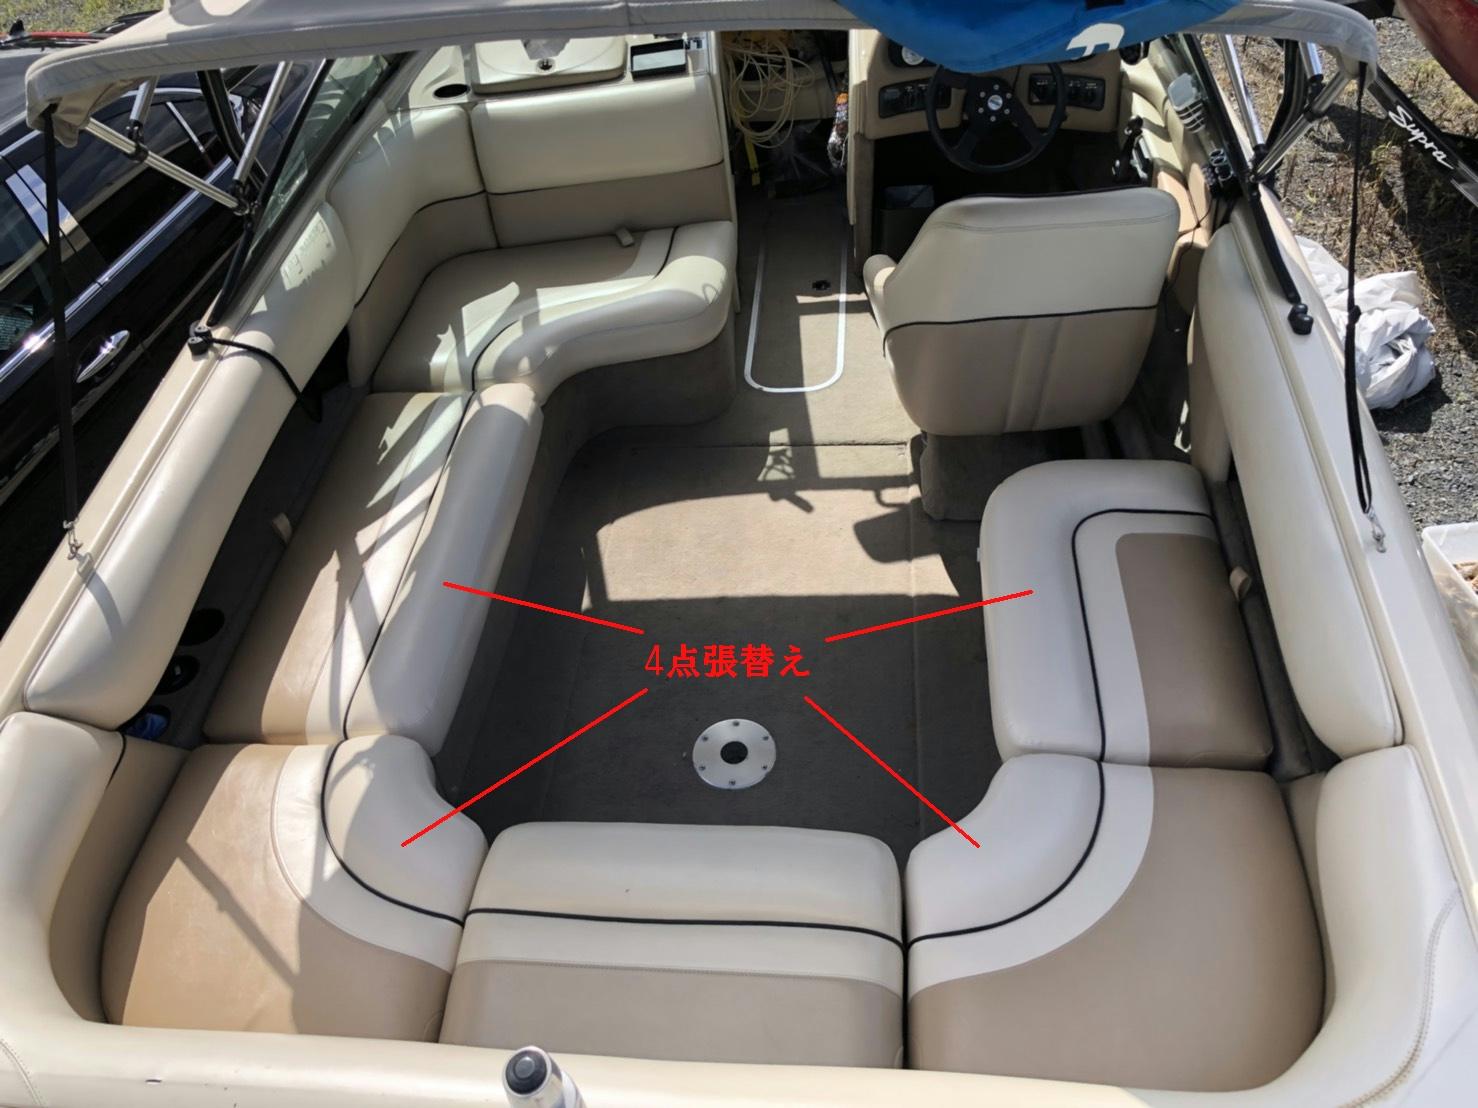 マリブボートシート張替え修理